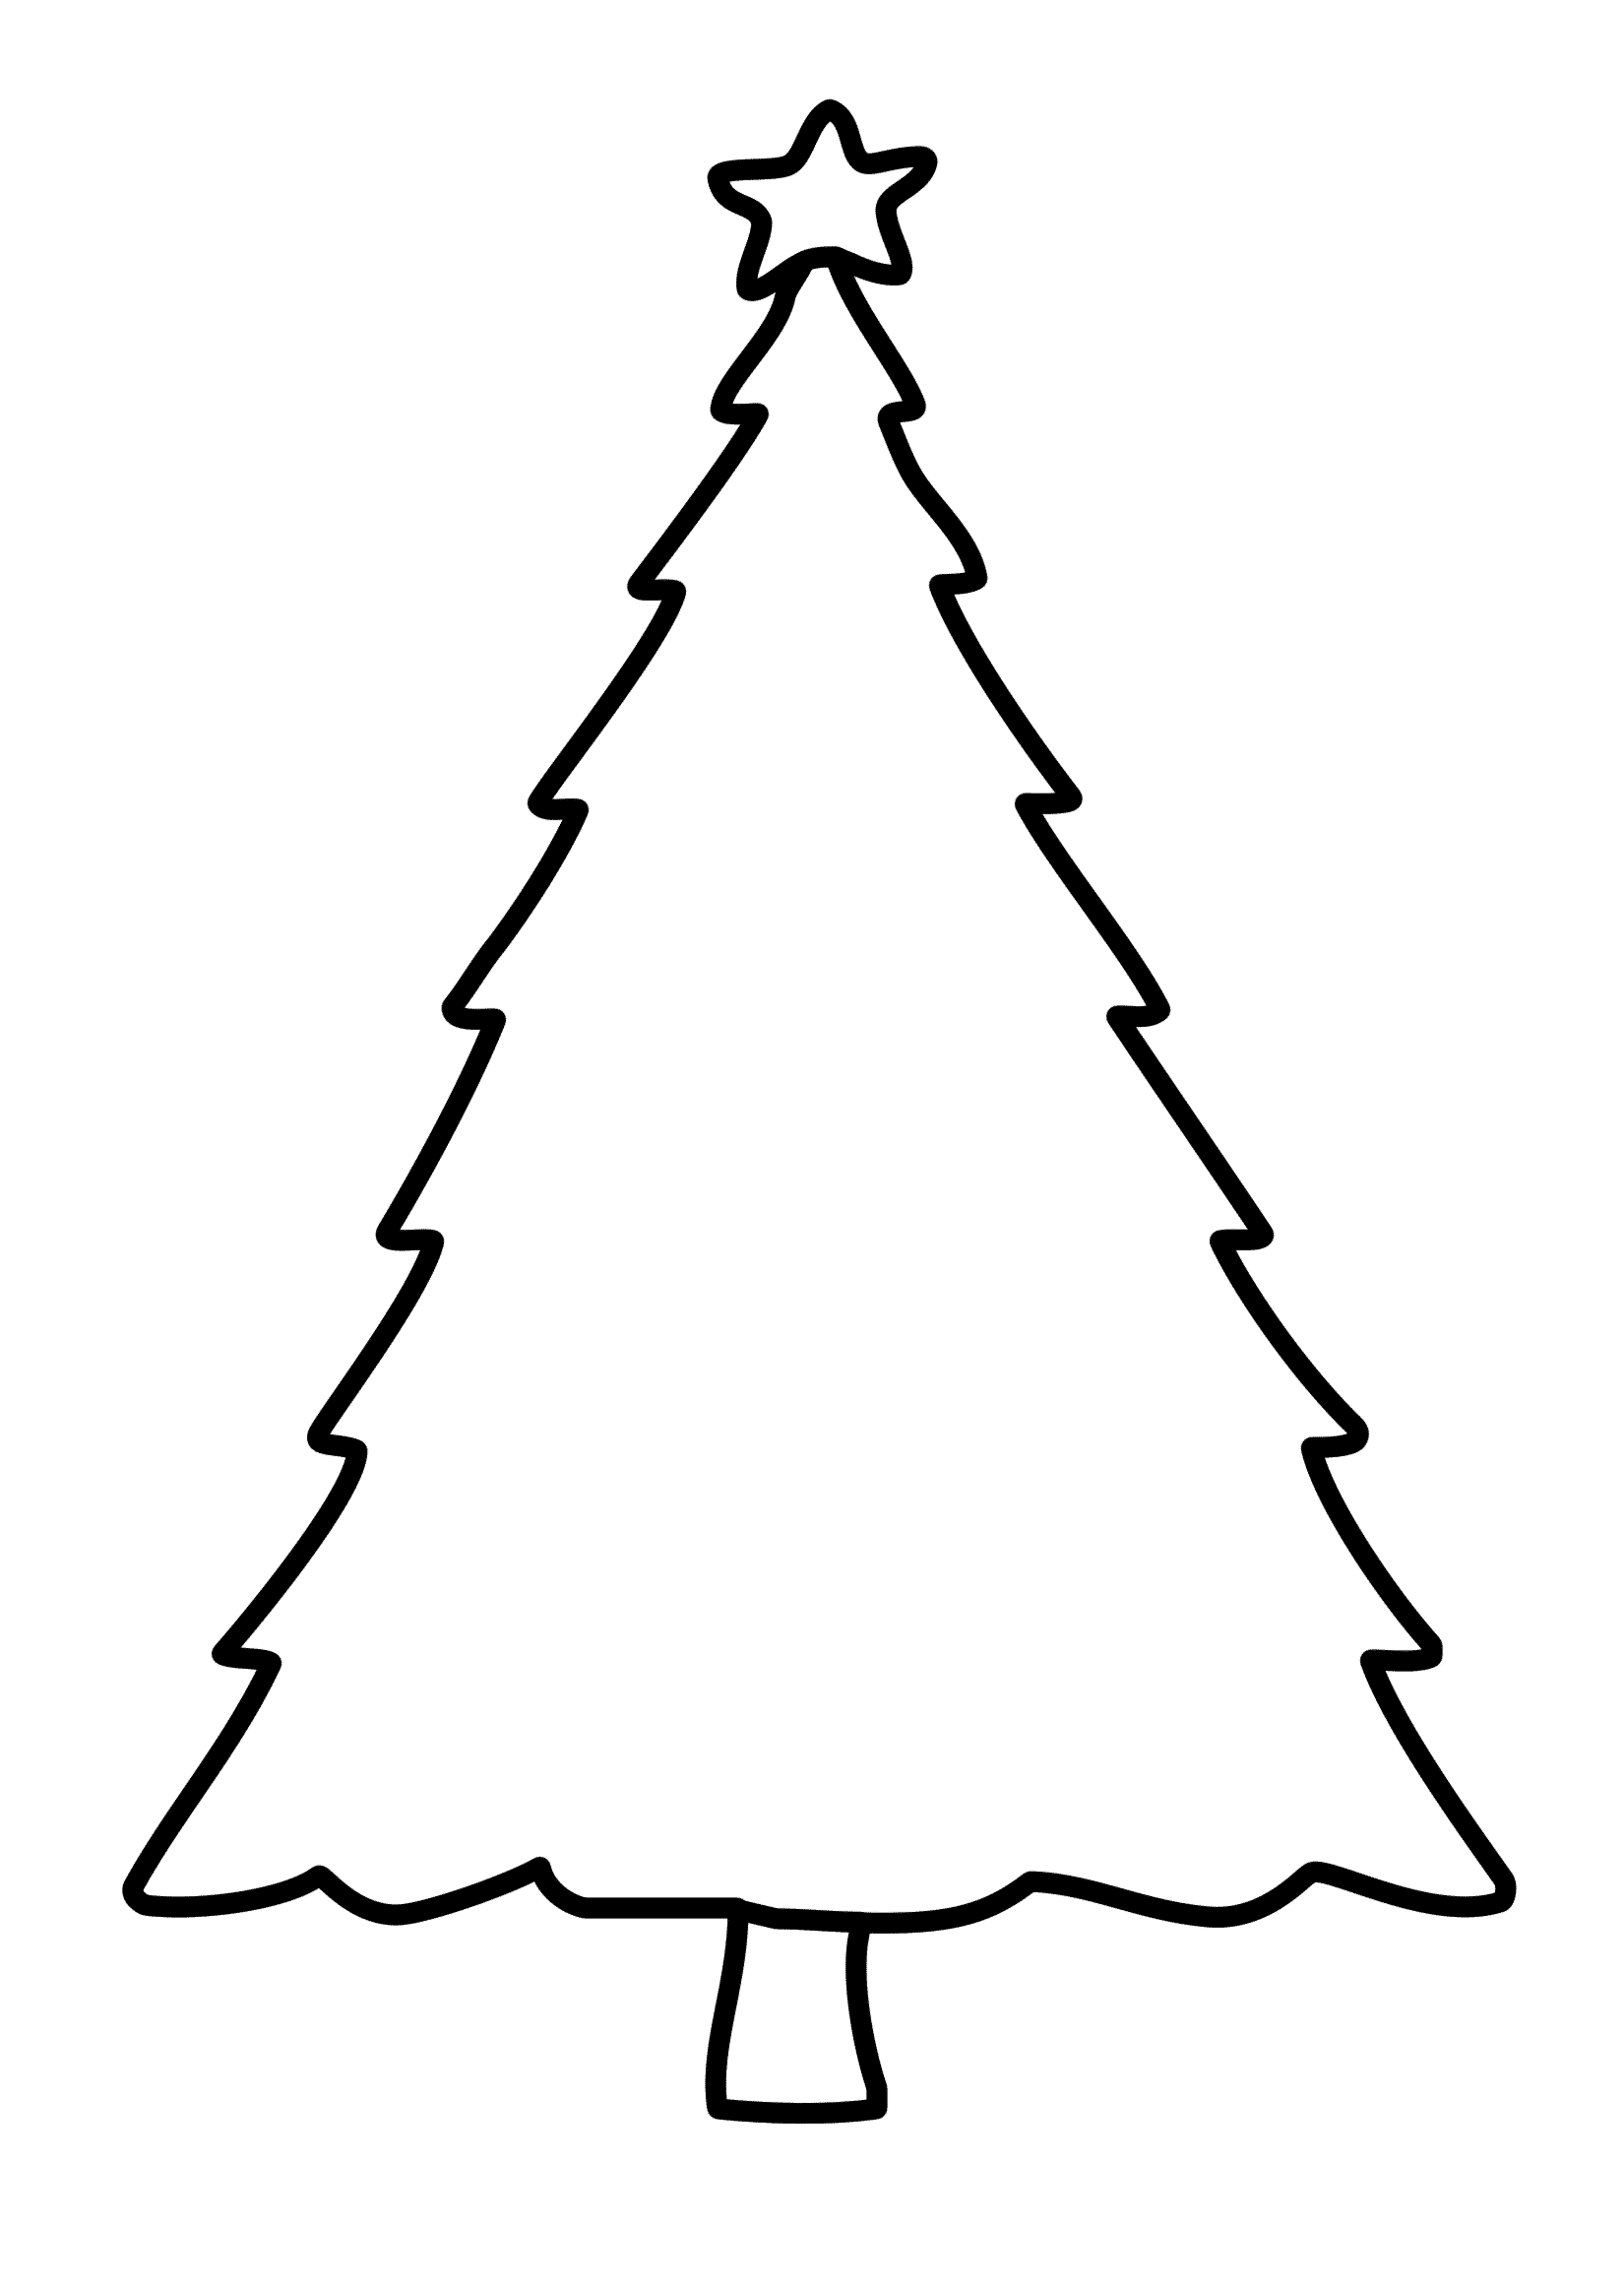 Ausmalbild Weihnachtsbaum 23 Jpg 726 1 093